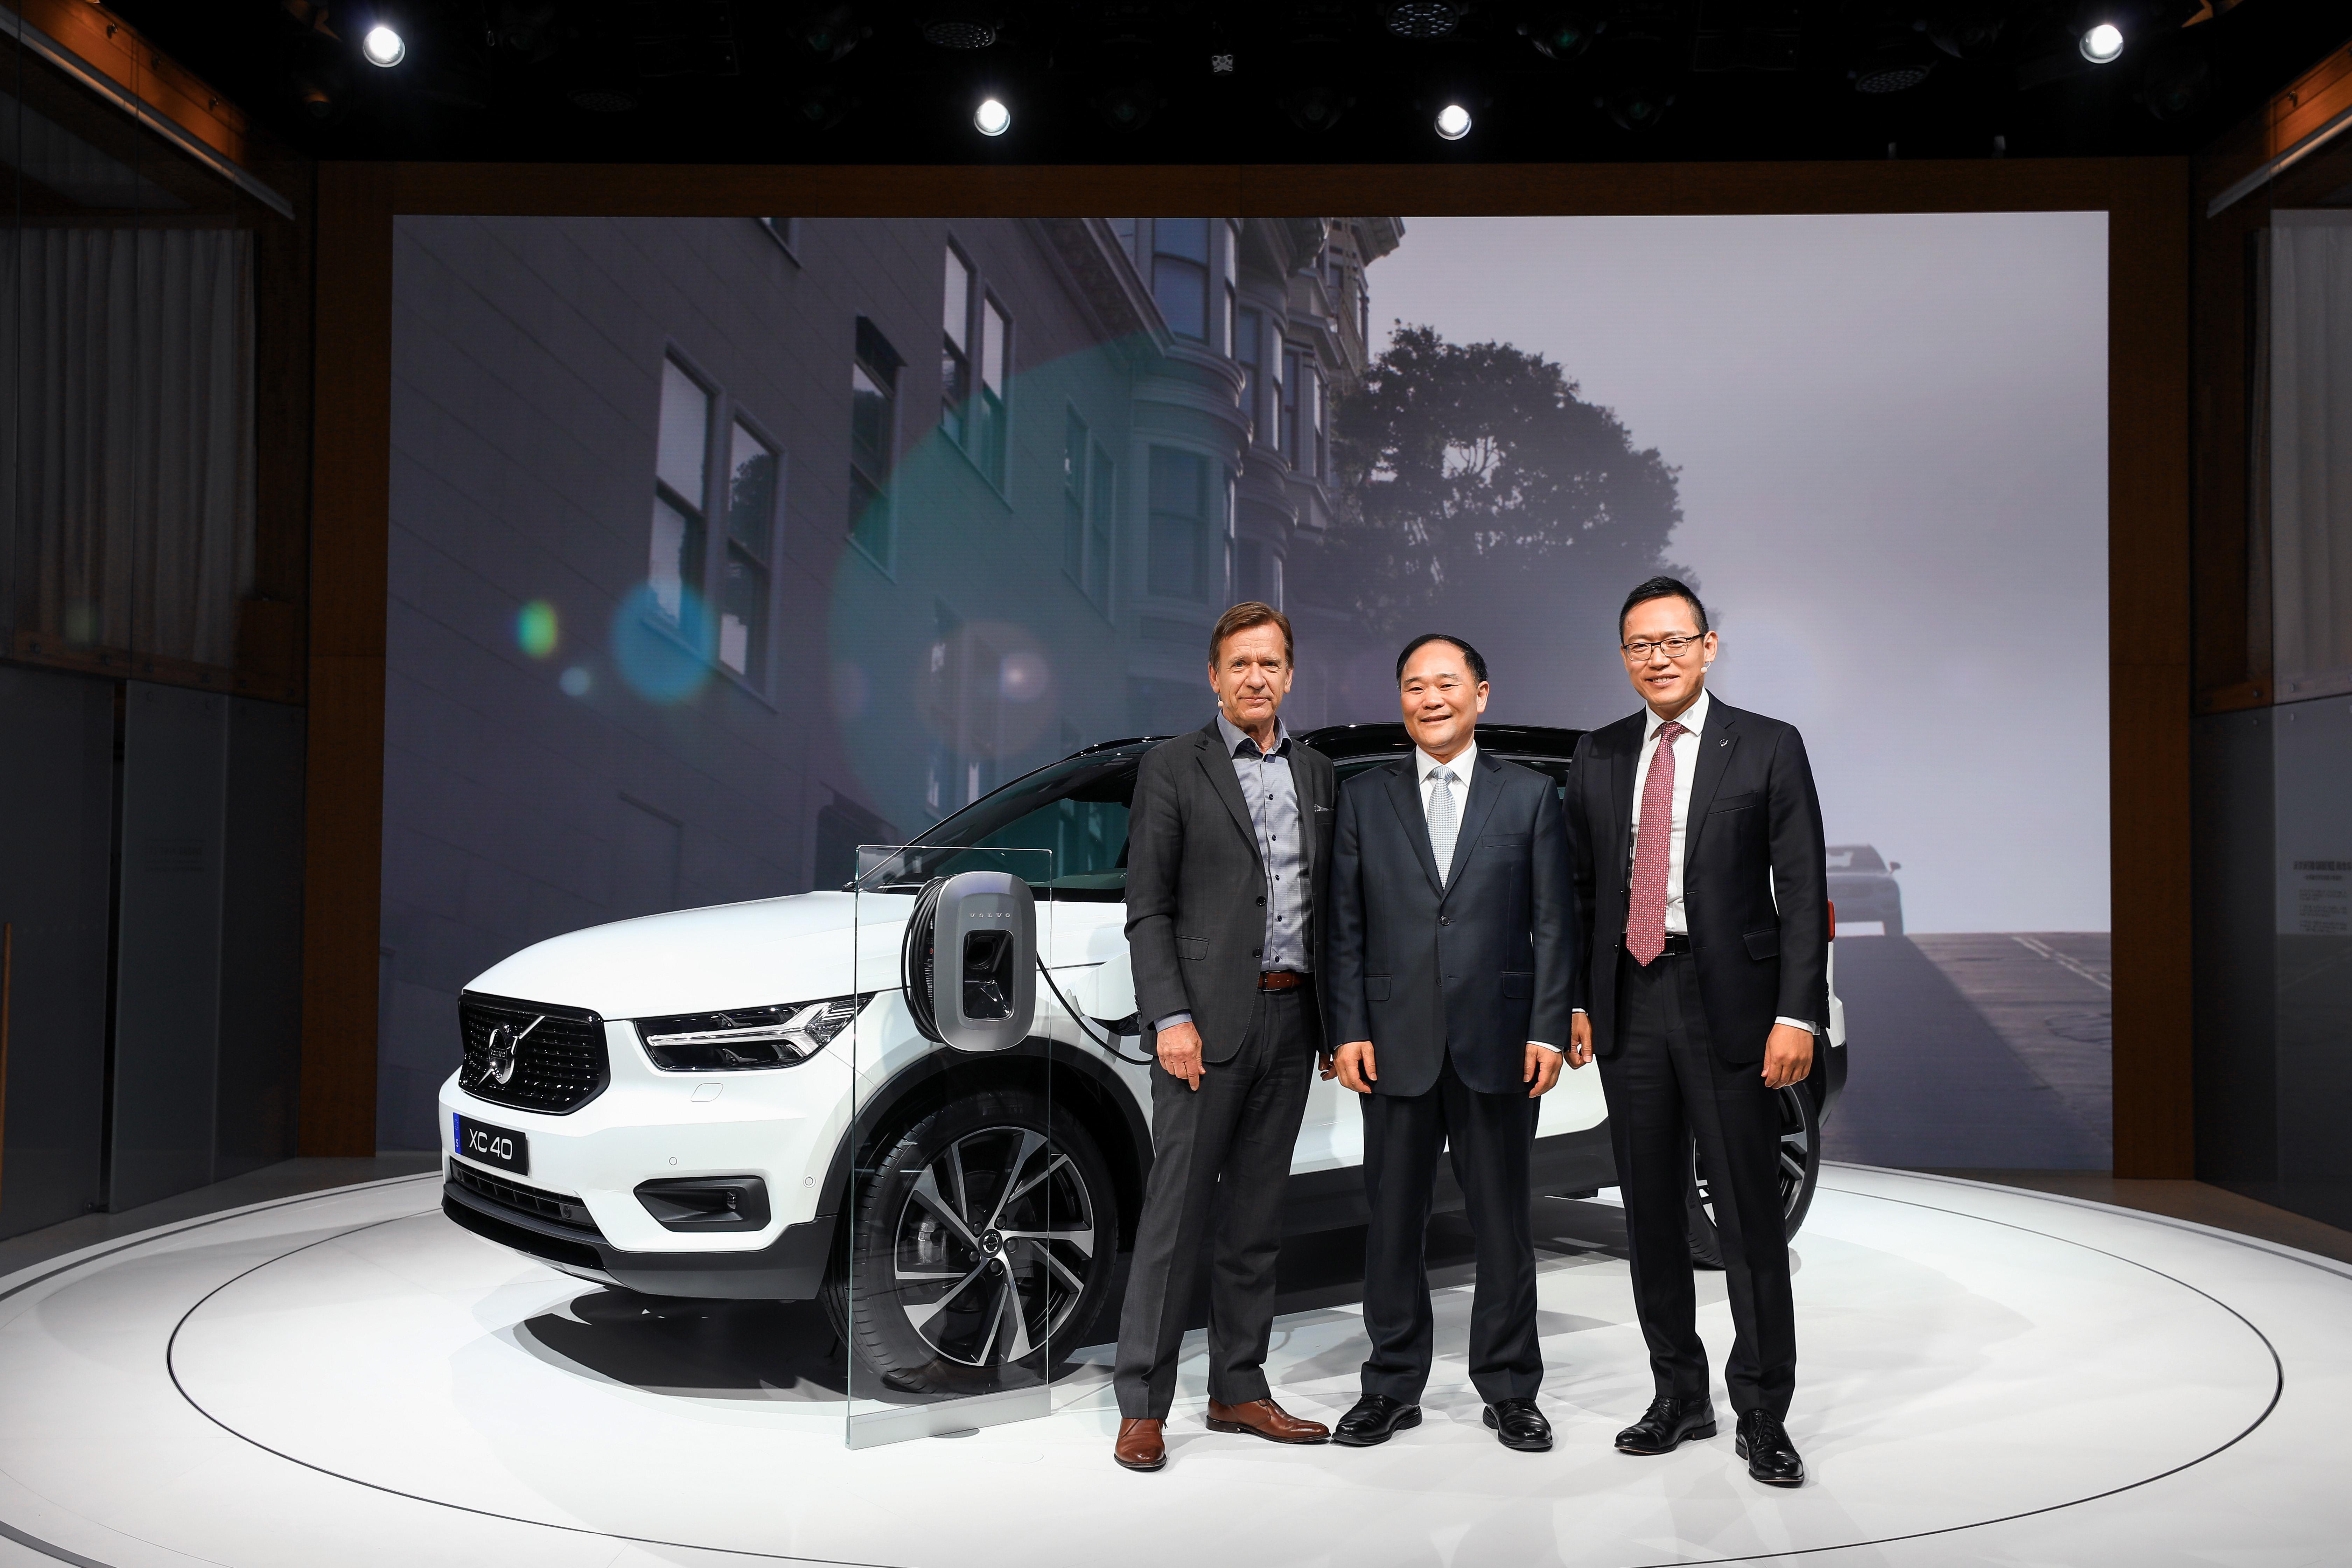 到2025年纯电动汽车占销量50% ——沃尔沃汽车北京车展深化全面电气化承诺